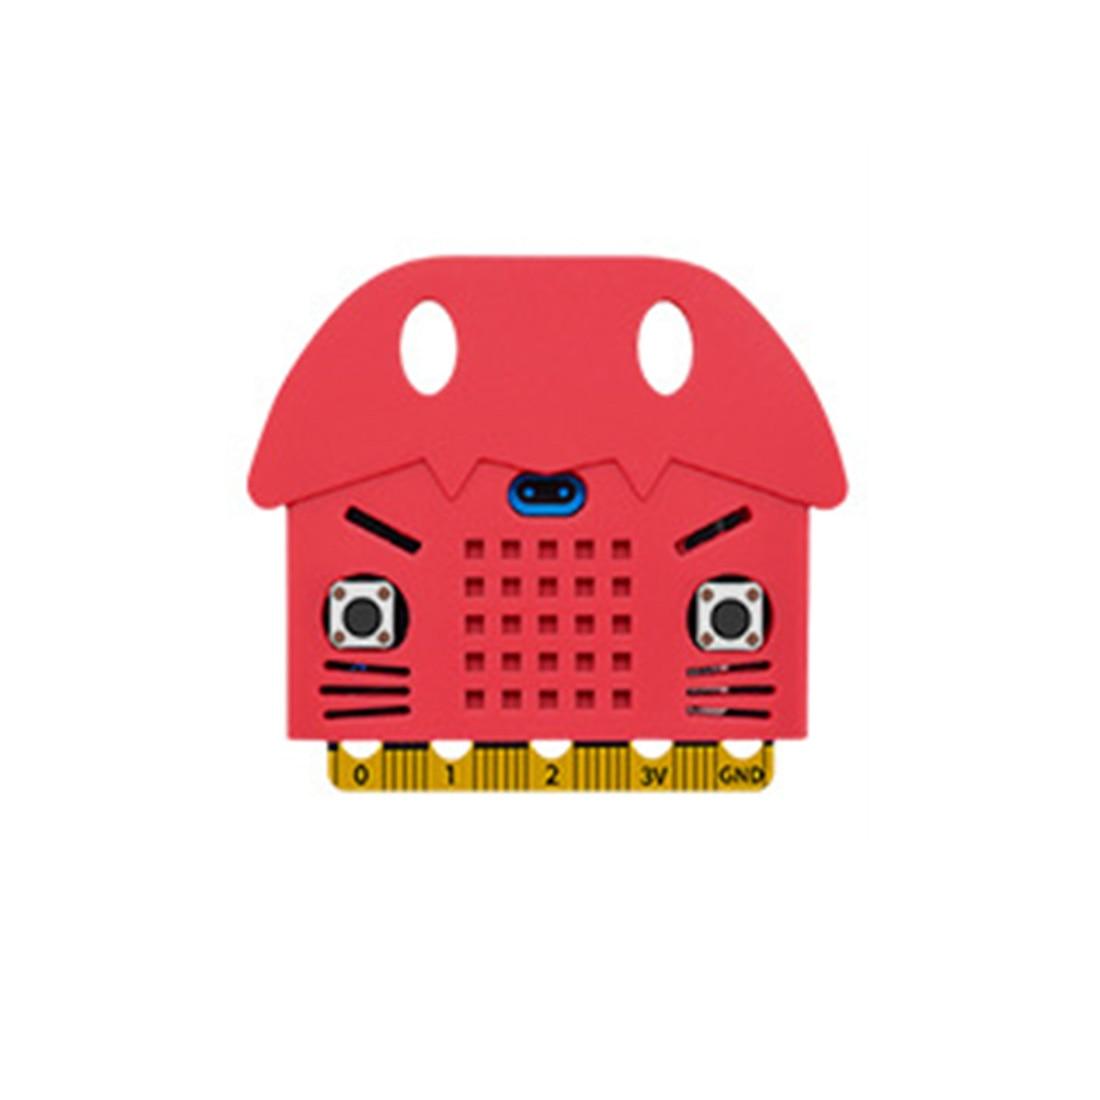 Экологичное уплотнение/тигр/в форме кота силиконовый защитный корпус Крышка корпуса для Micro: Плата расширения бита Bue/красный/оранжевый - Цвет: 4